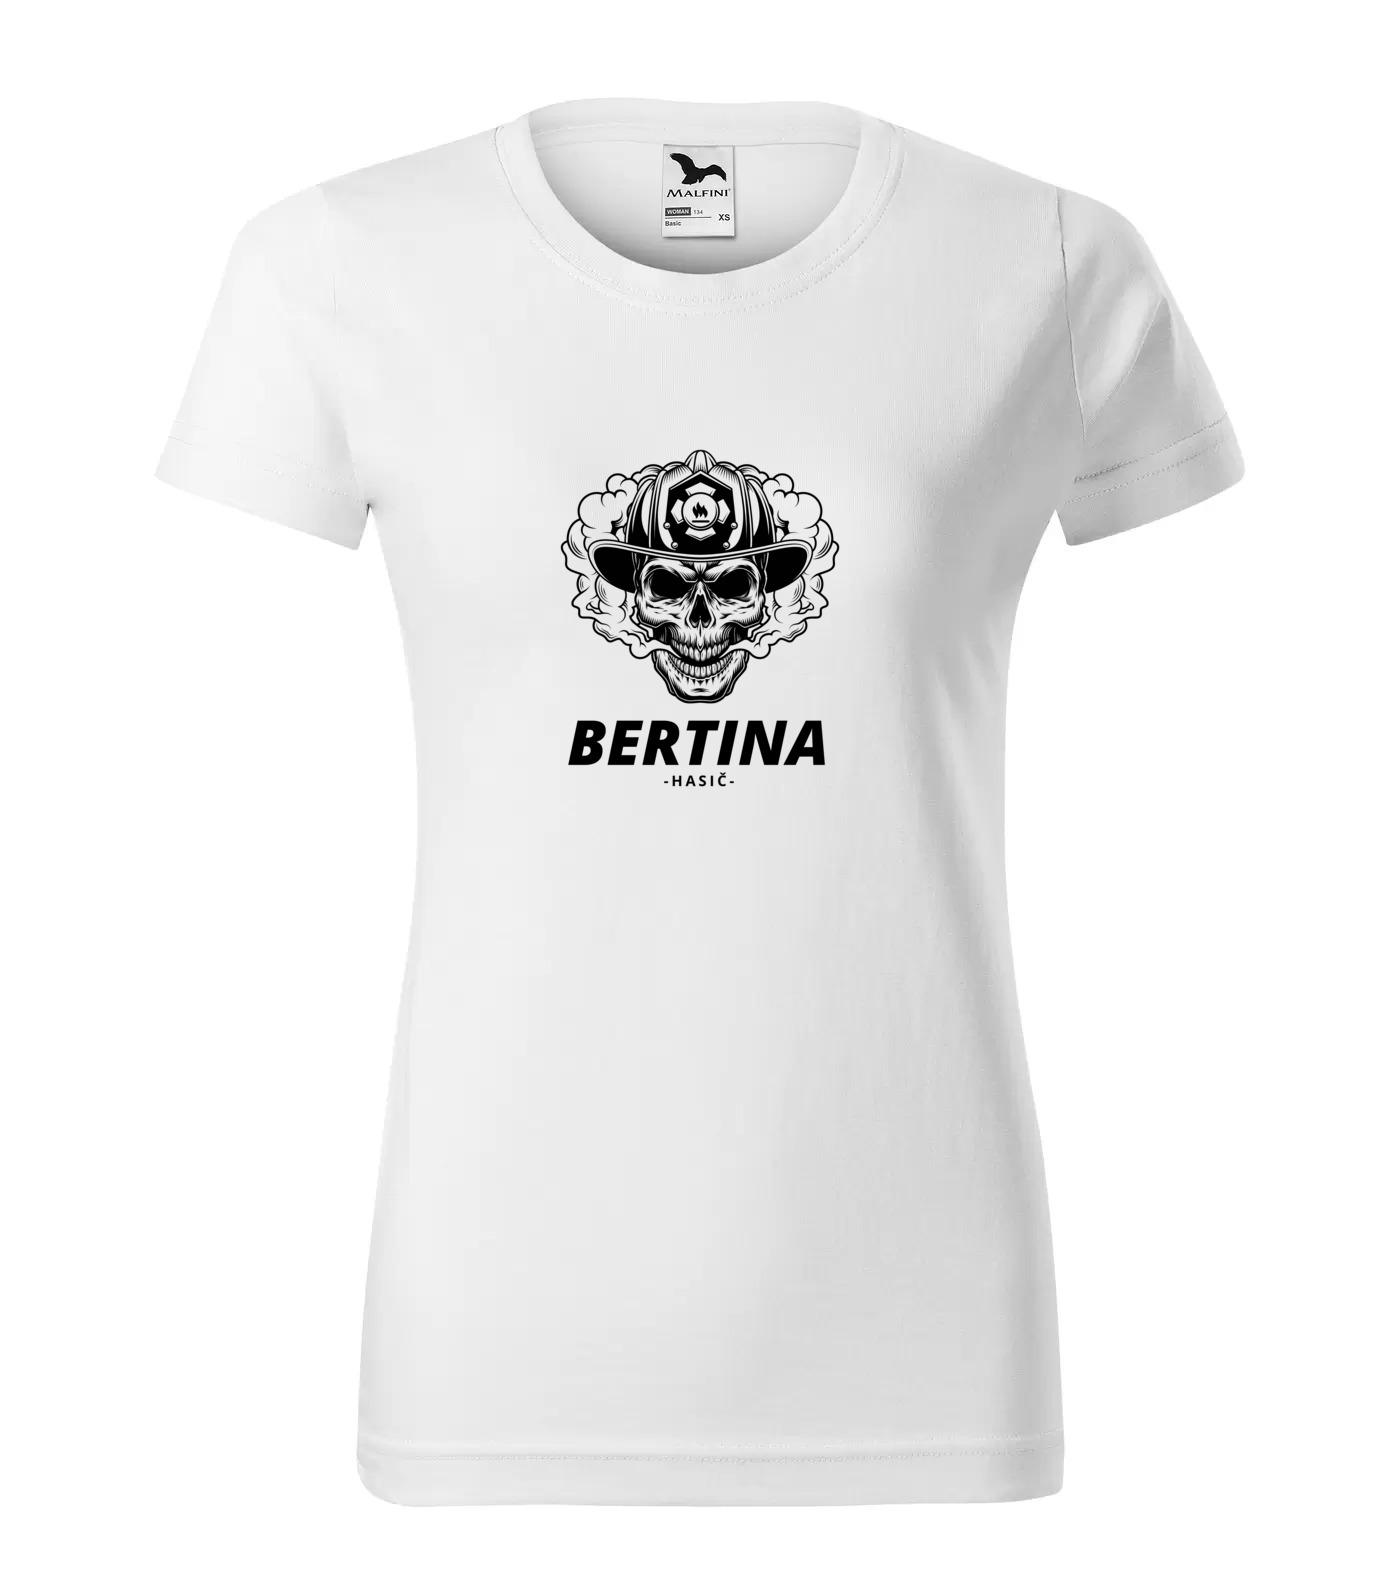 Tričko Hasič Bertina